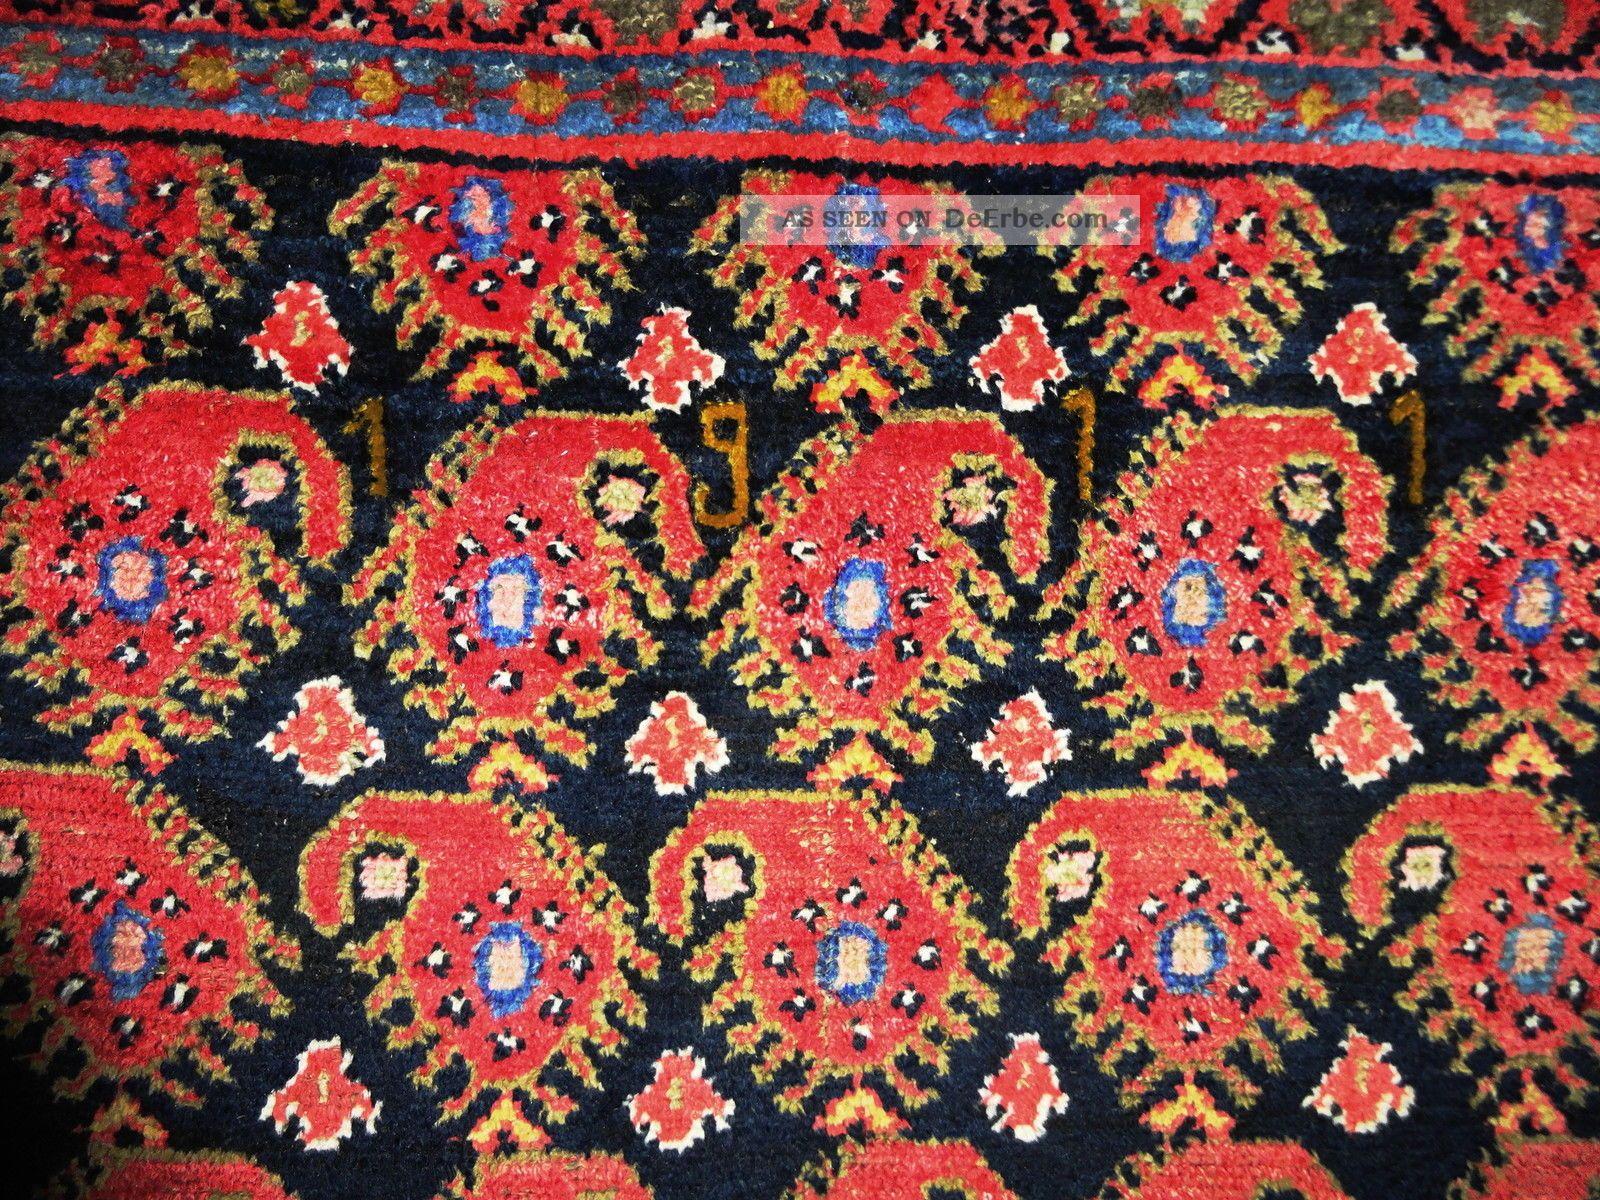 Königlicher Handgeknüpfter Antiker Palast Teppich Rug